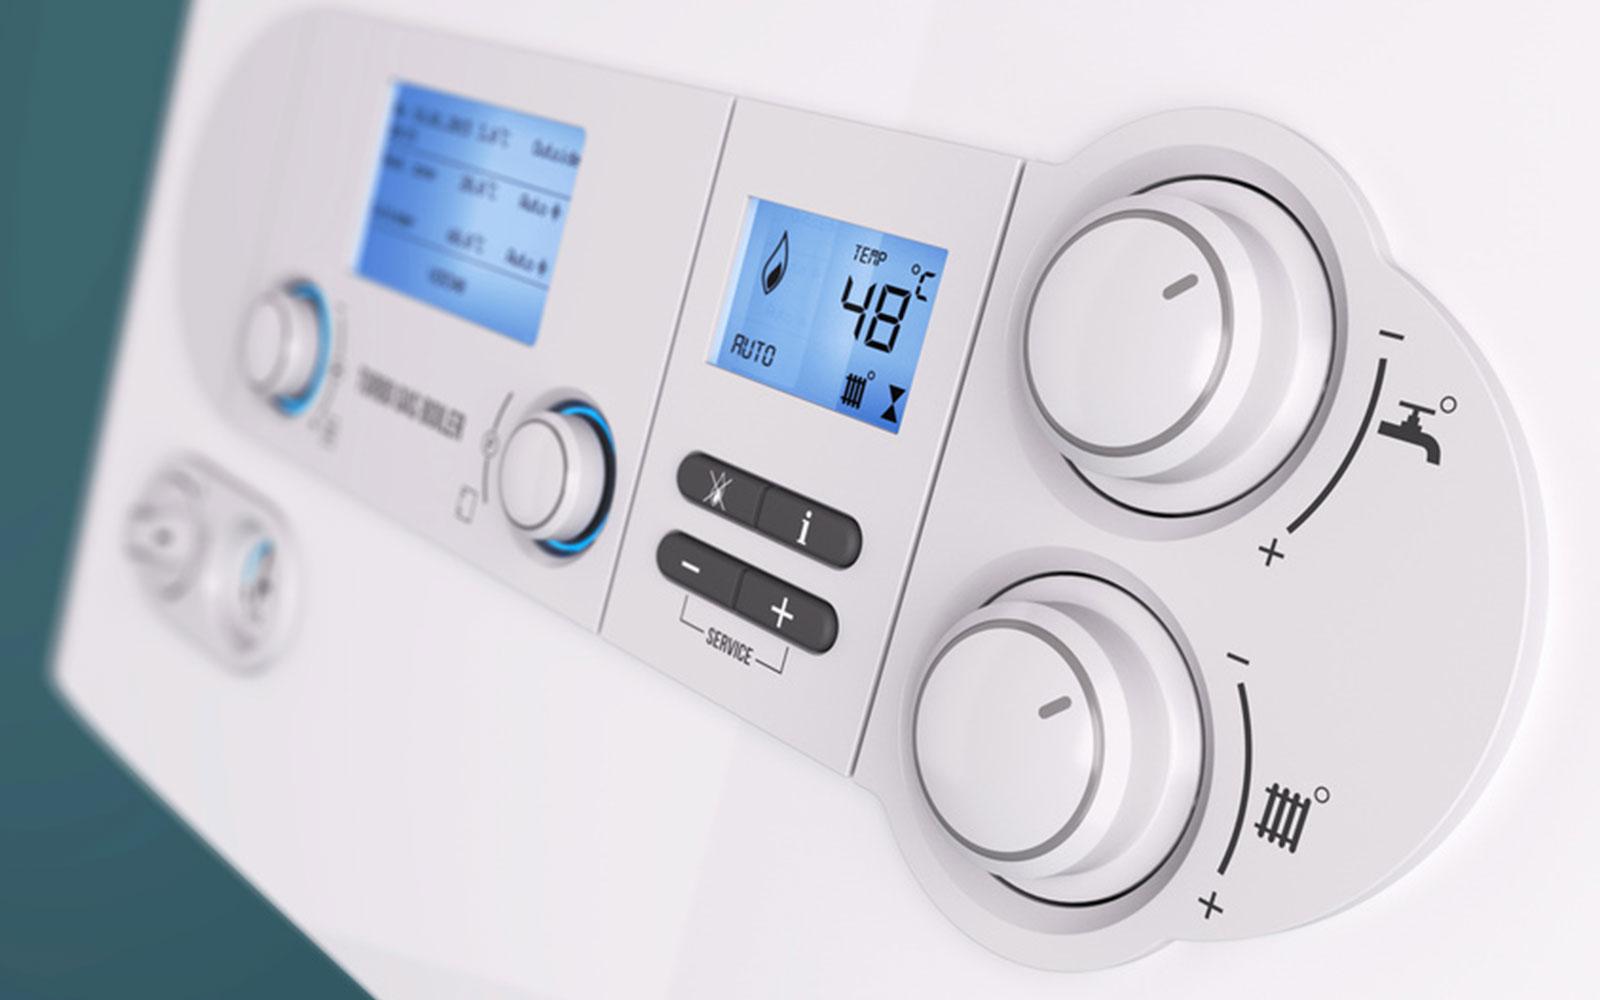 installation-chauffage-gaz-sani-elec-services-maing-valenciennes-saint-amand-les-eaux-caudry